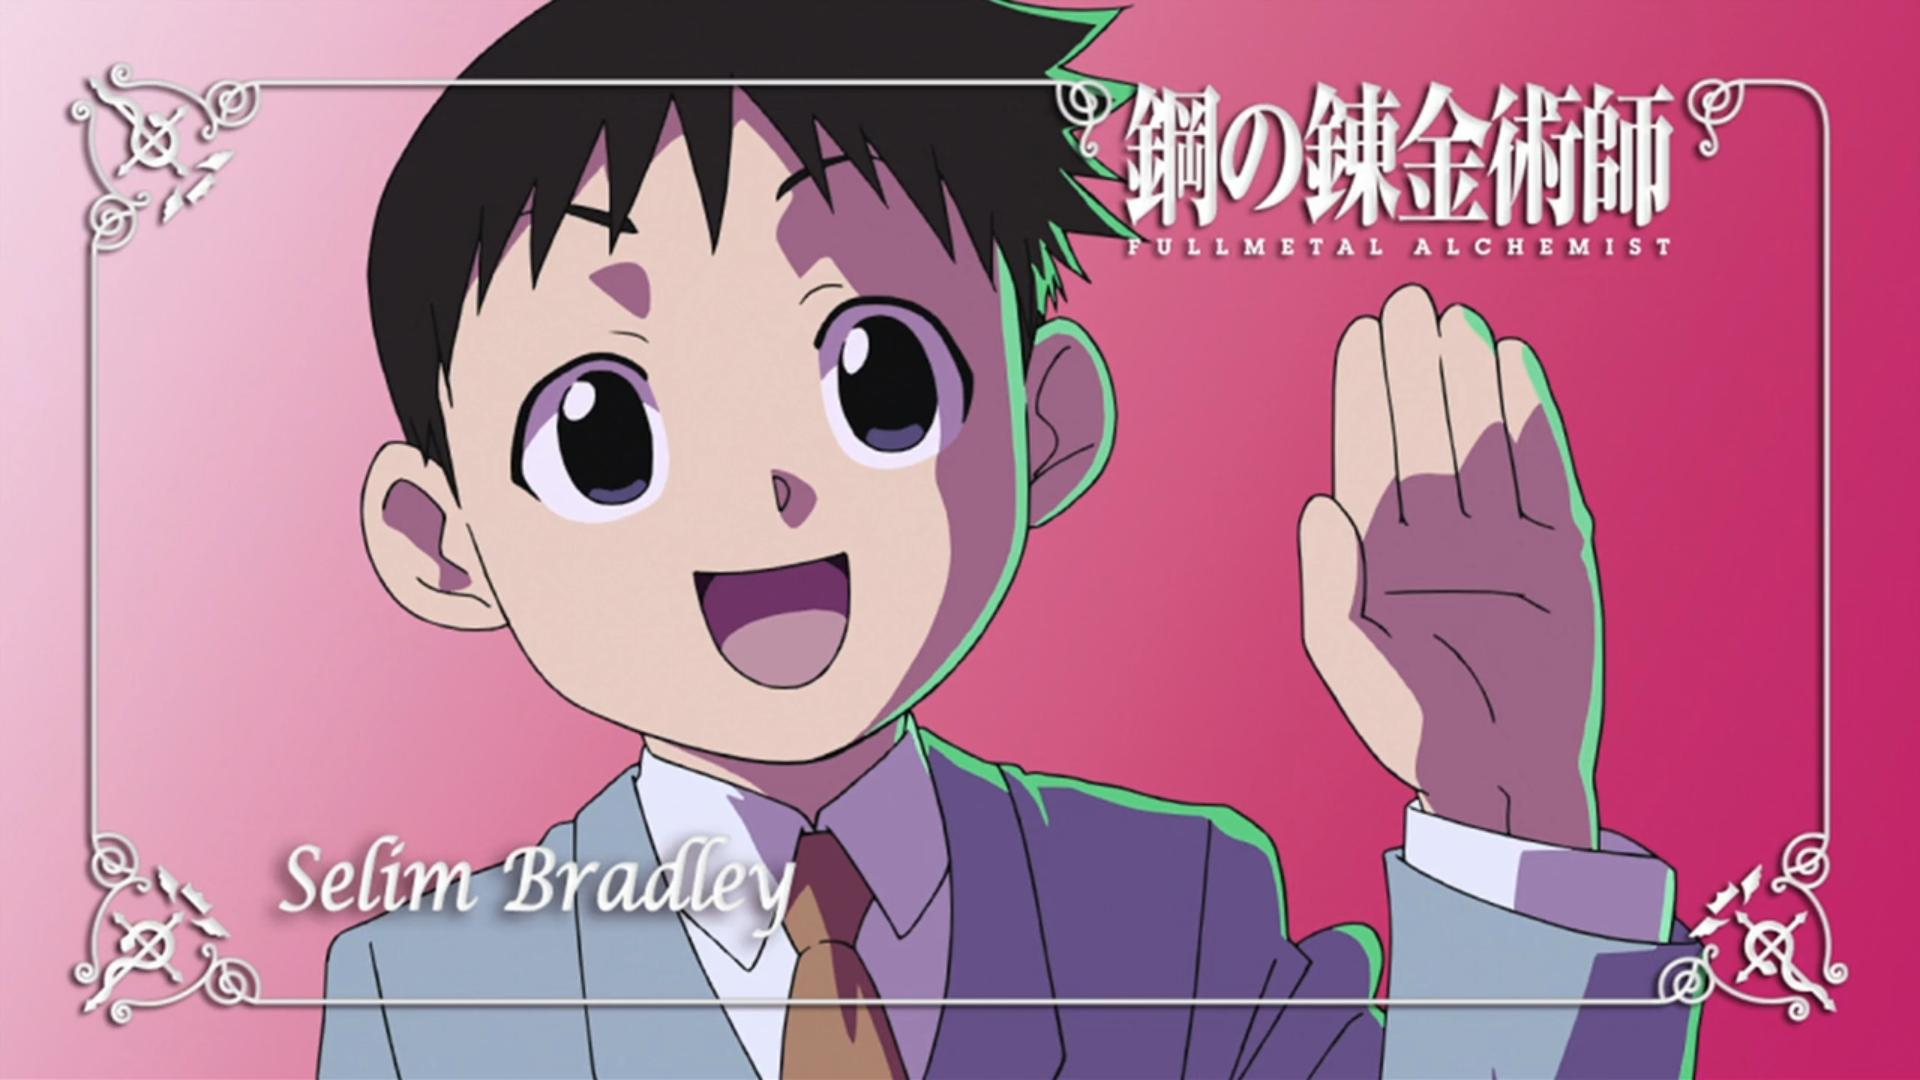 Fond d'écran : illustration, Anime, dessin animé, Fullmetal Alchemist Brotherhood, Homunculus ...